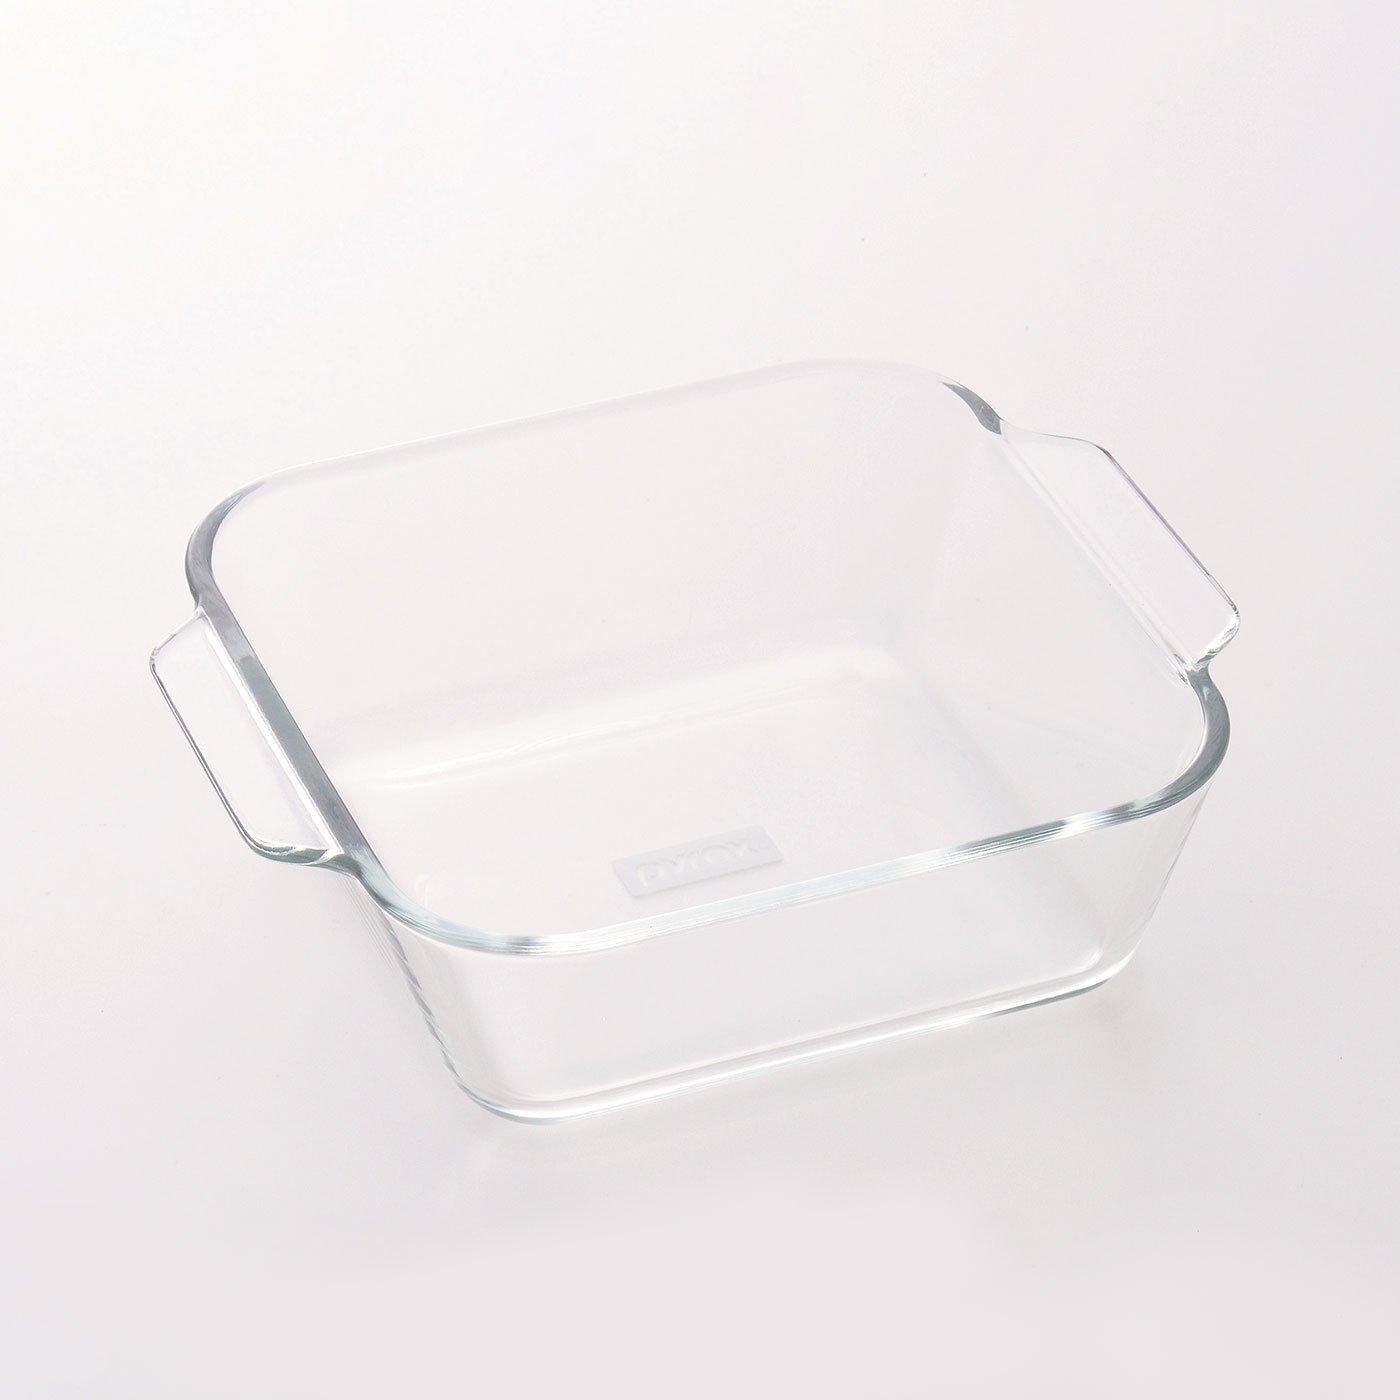 調理にも食器にも使える 耐熱ガラスのグラタン皿 PYREX〈600ml〉